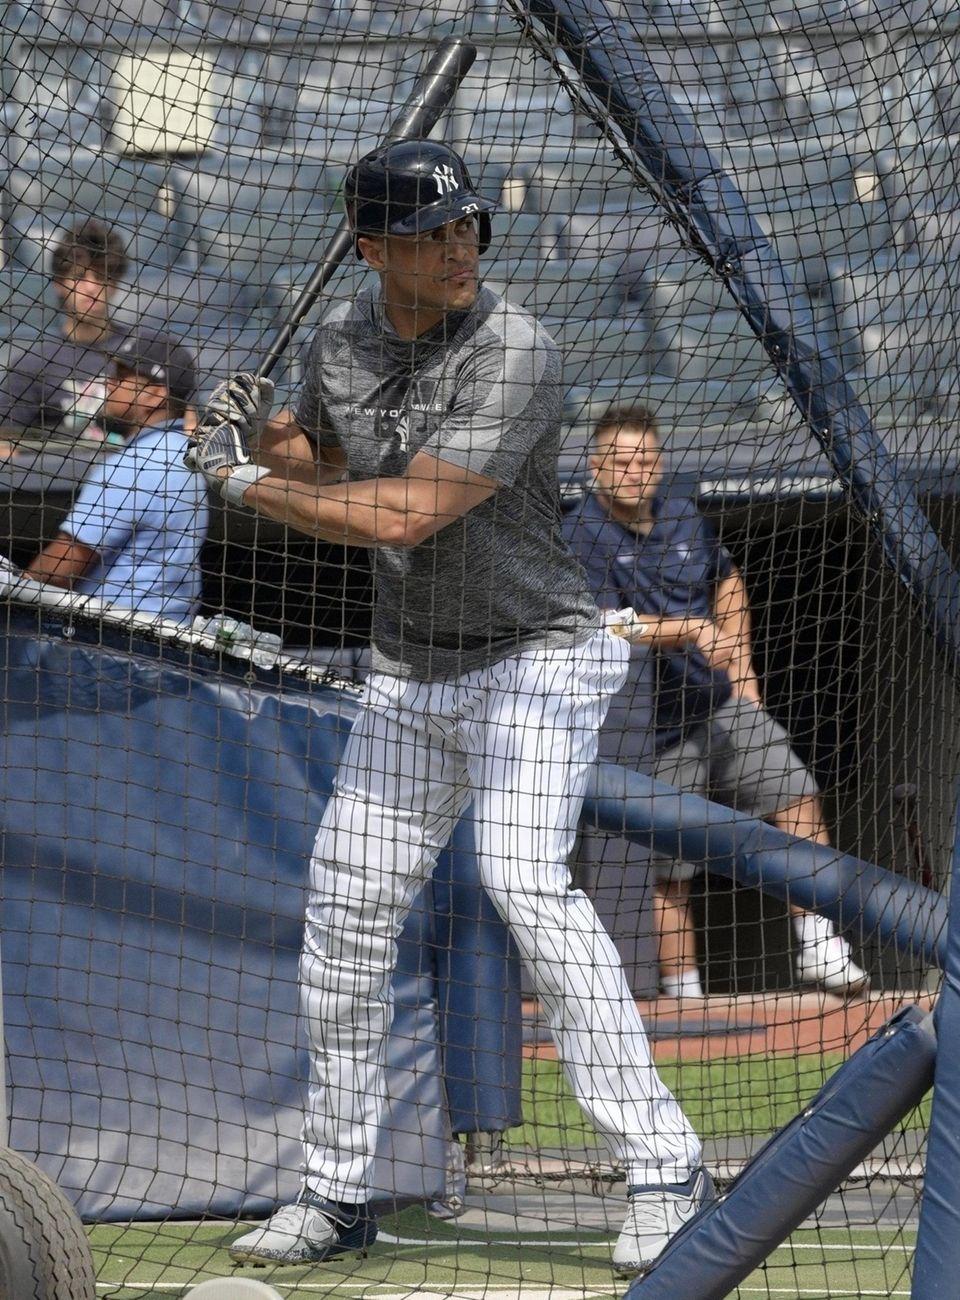 Injured Yankee Giancarlo Stanton of the Yankees taking